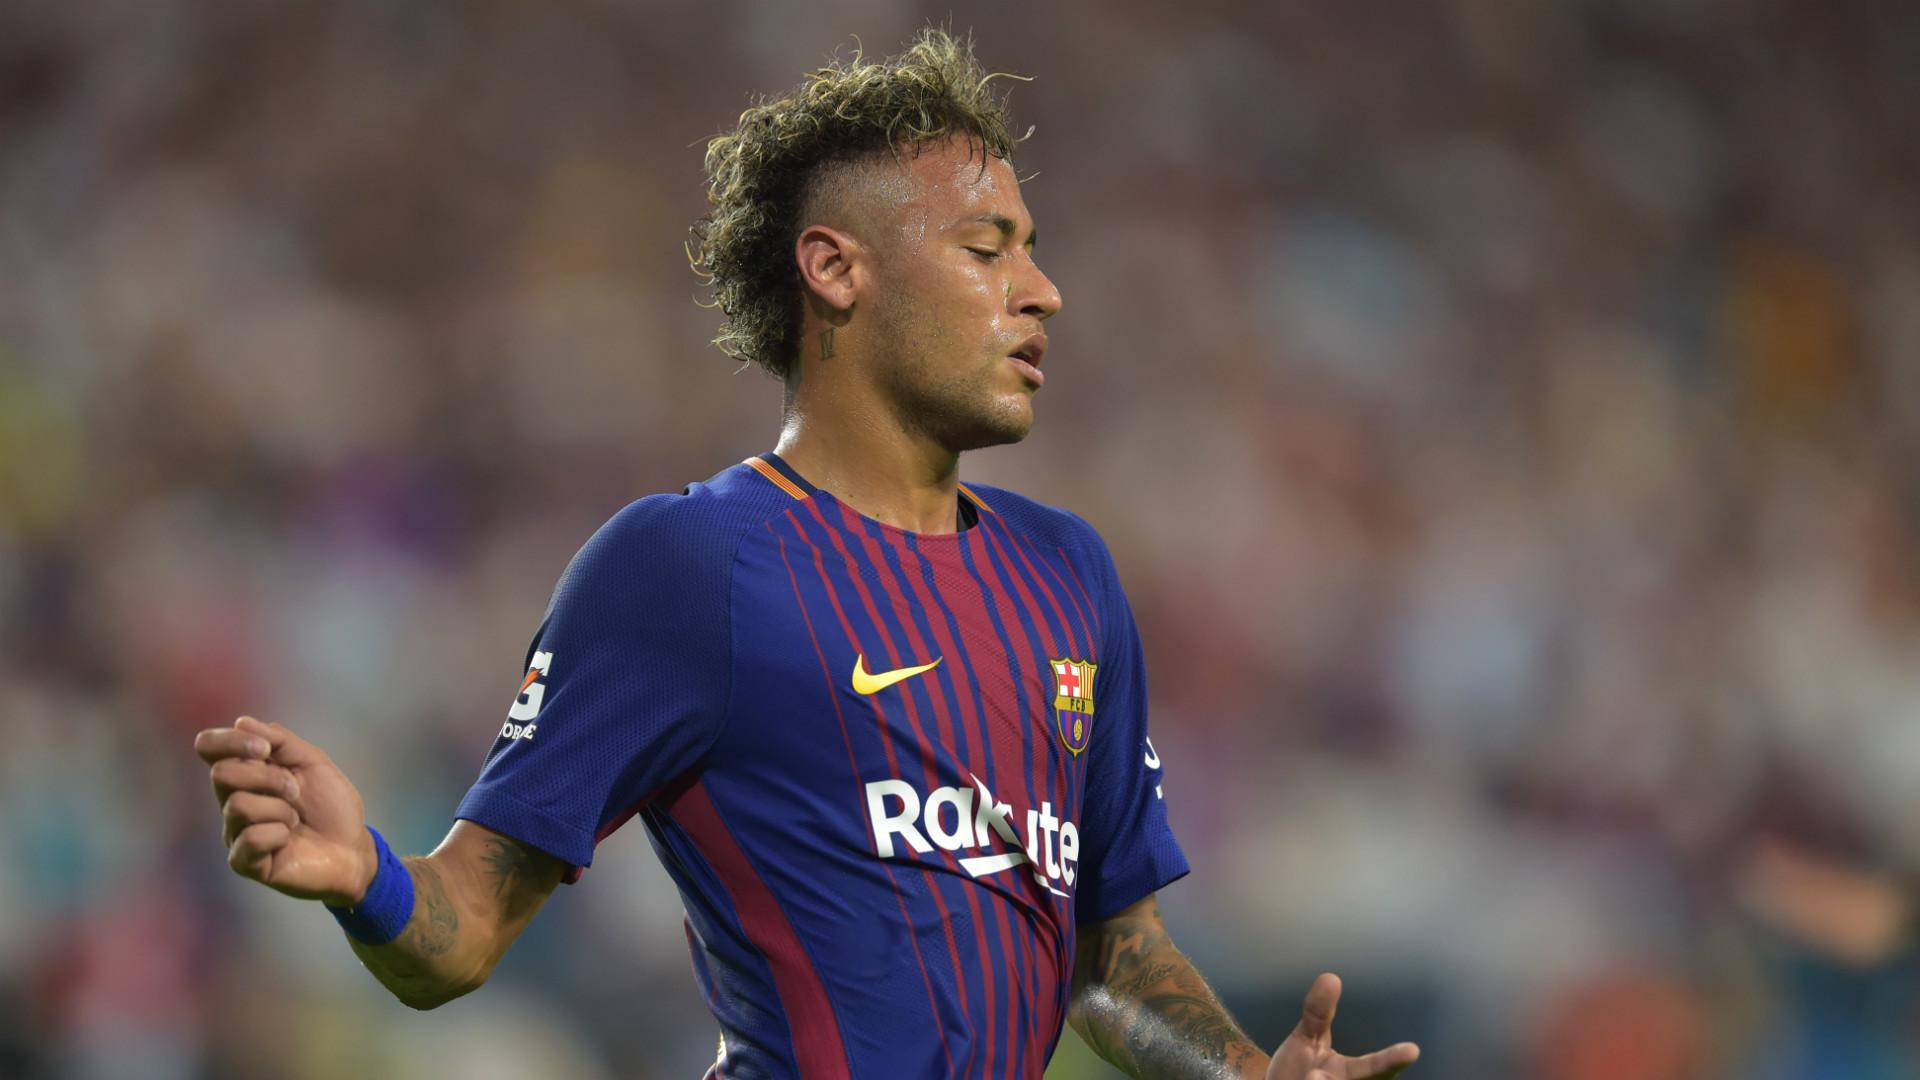 Corte De Pelo Neymar Jr Cortes De Pelo Juveniles Populares